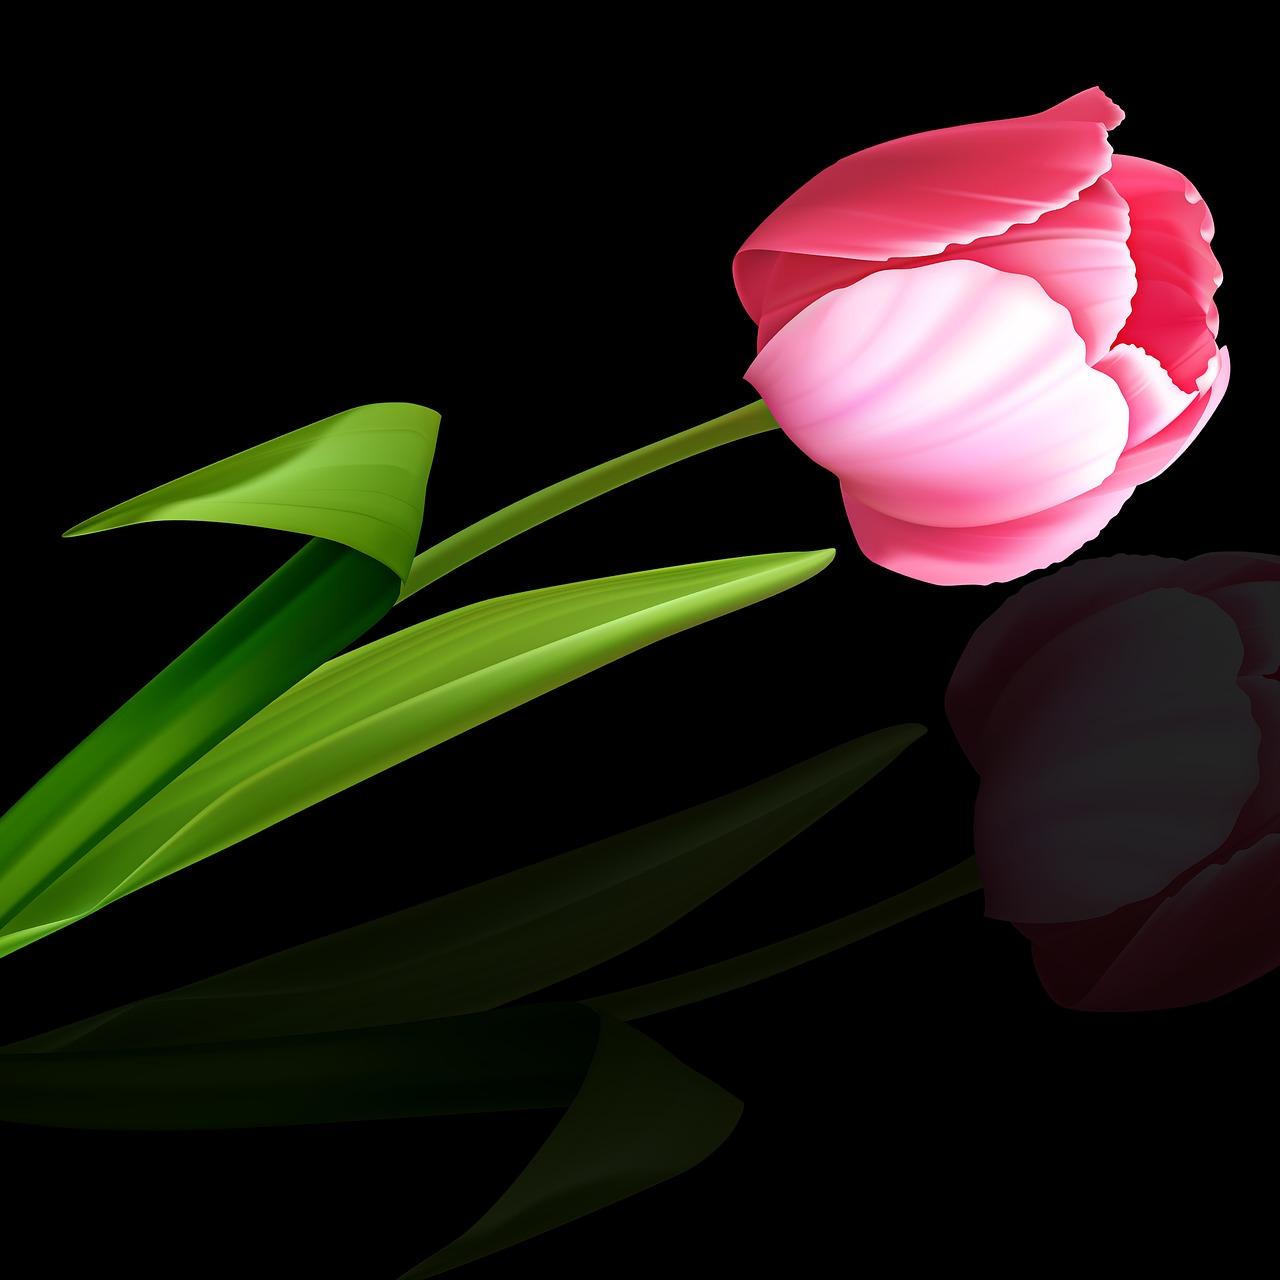 тюльпаны на темном фоне картинки перекладываем разделочную